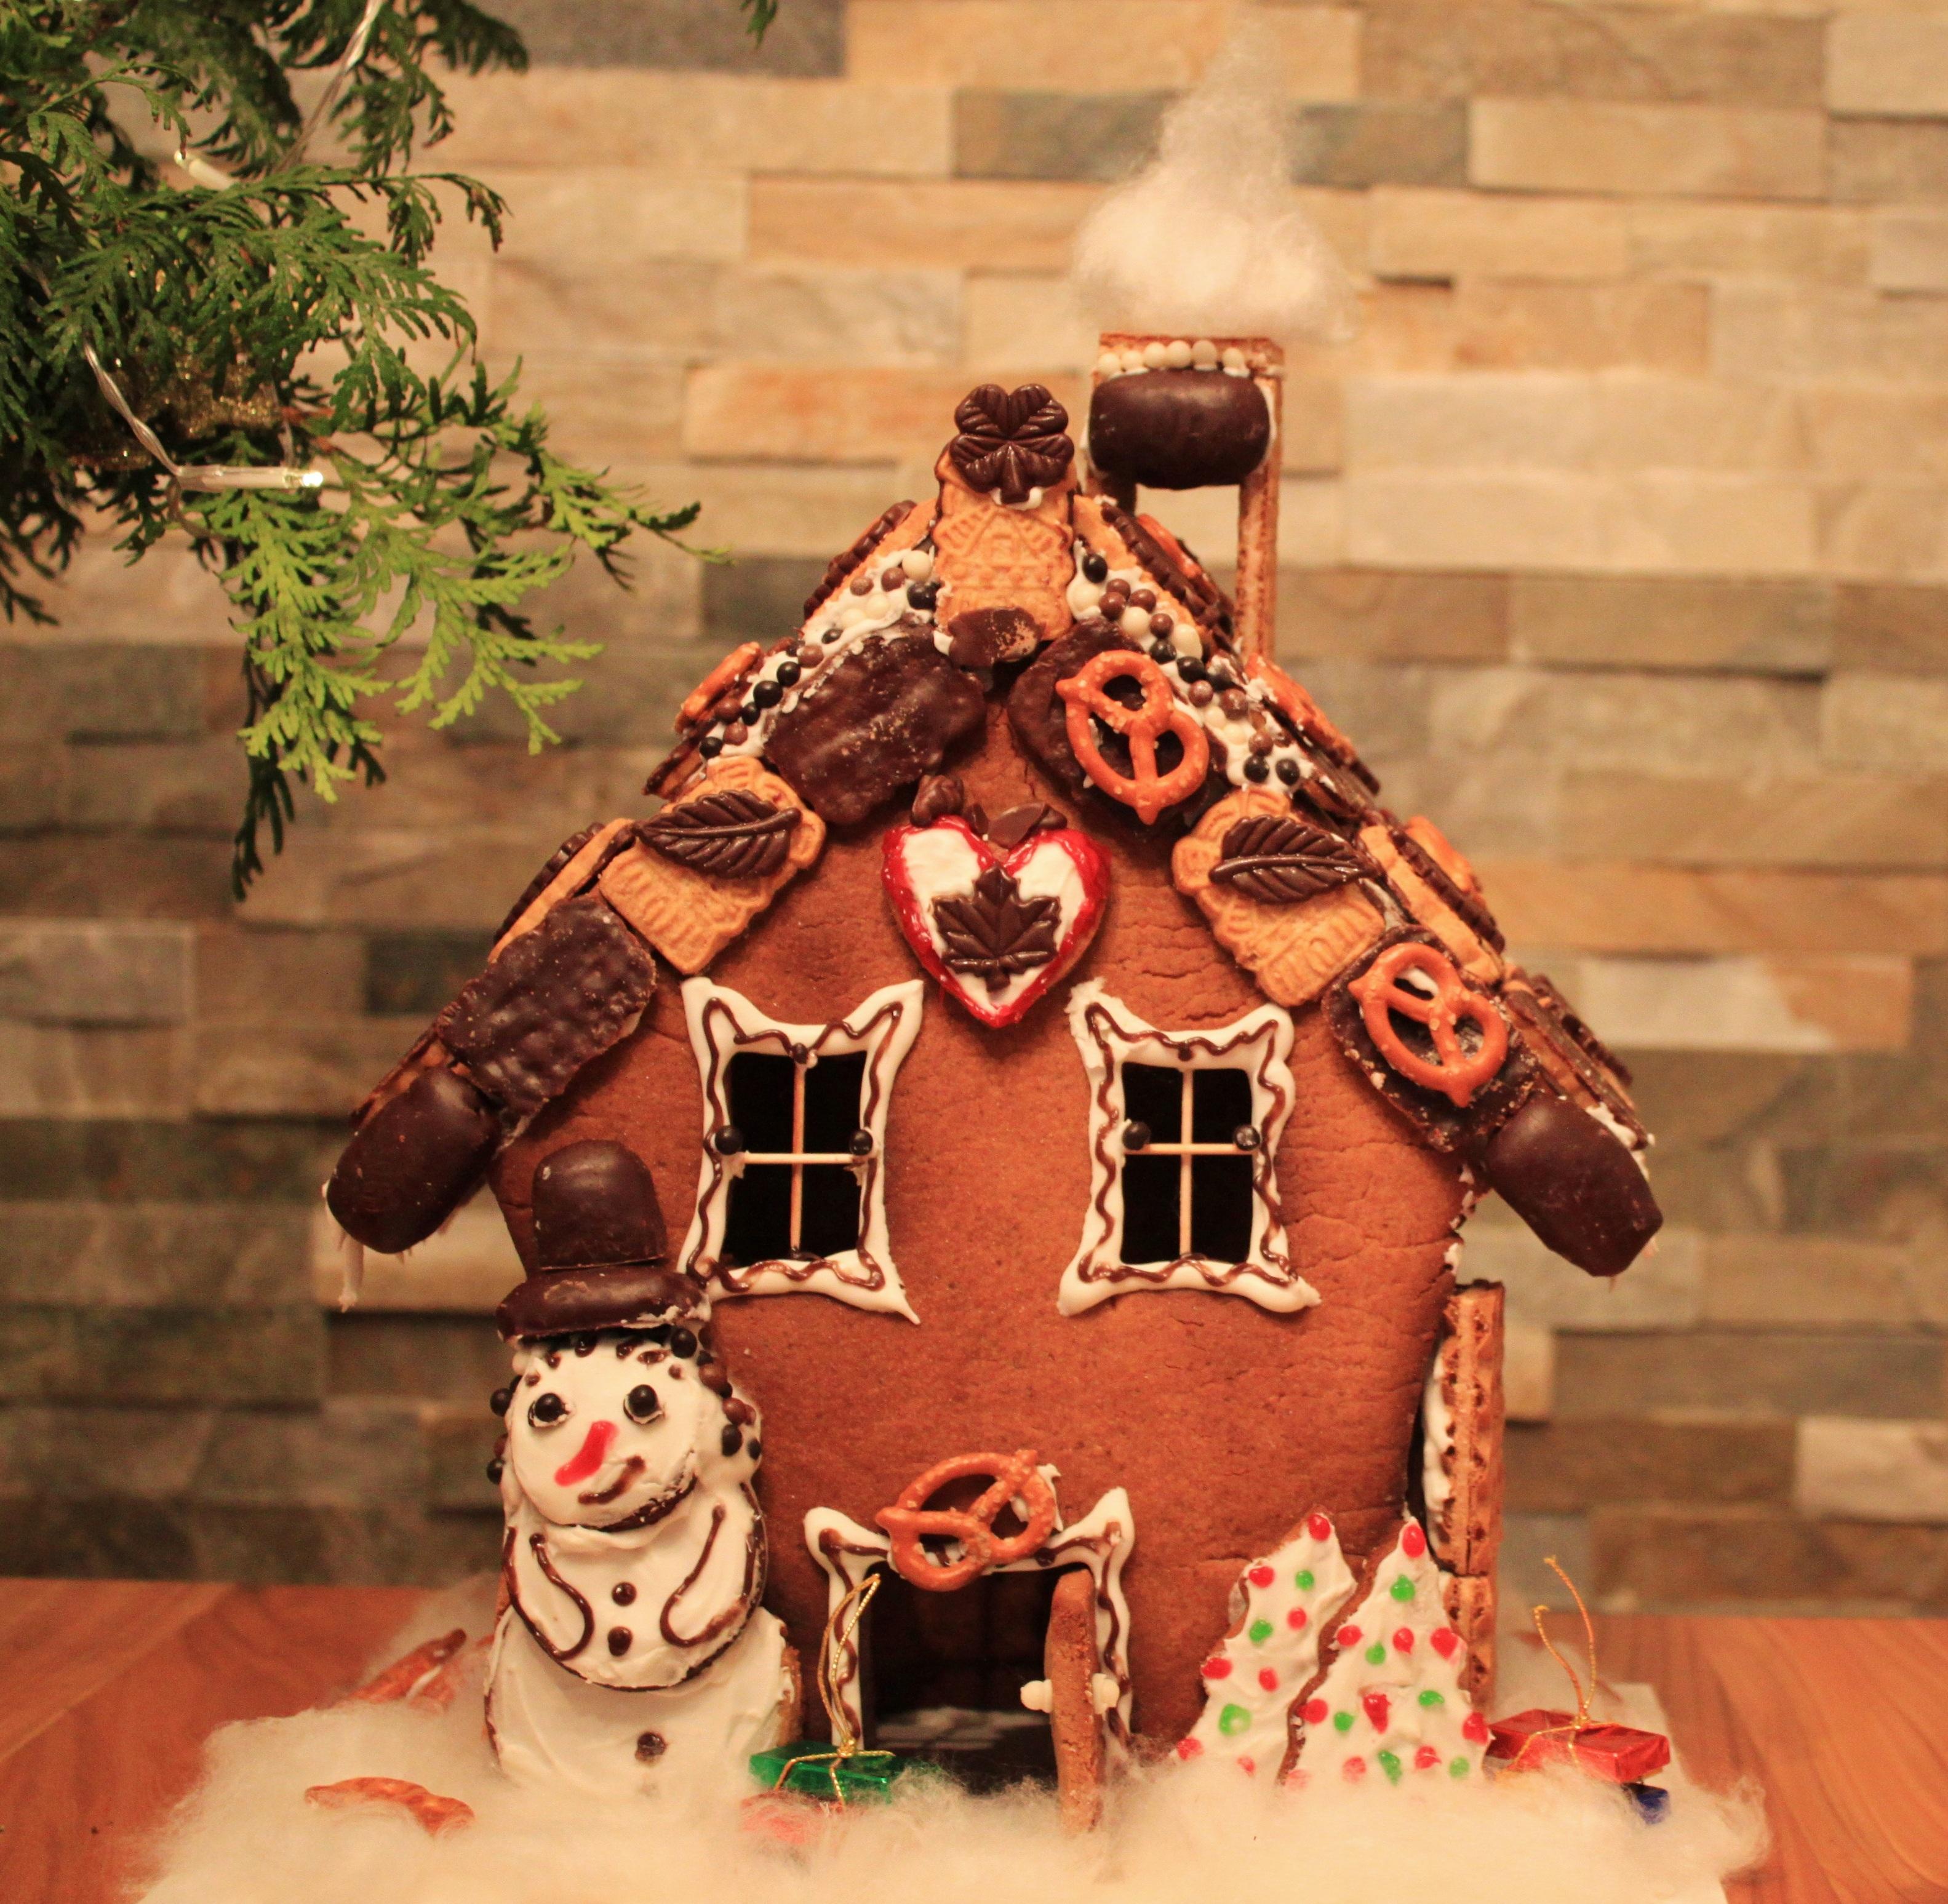 Gambar Manis Suasana Makanan Percintaan Cokelat Hari Natal